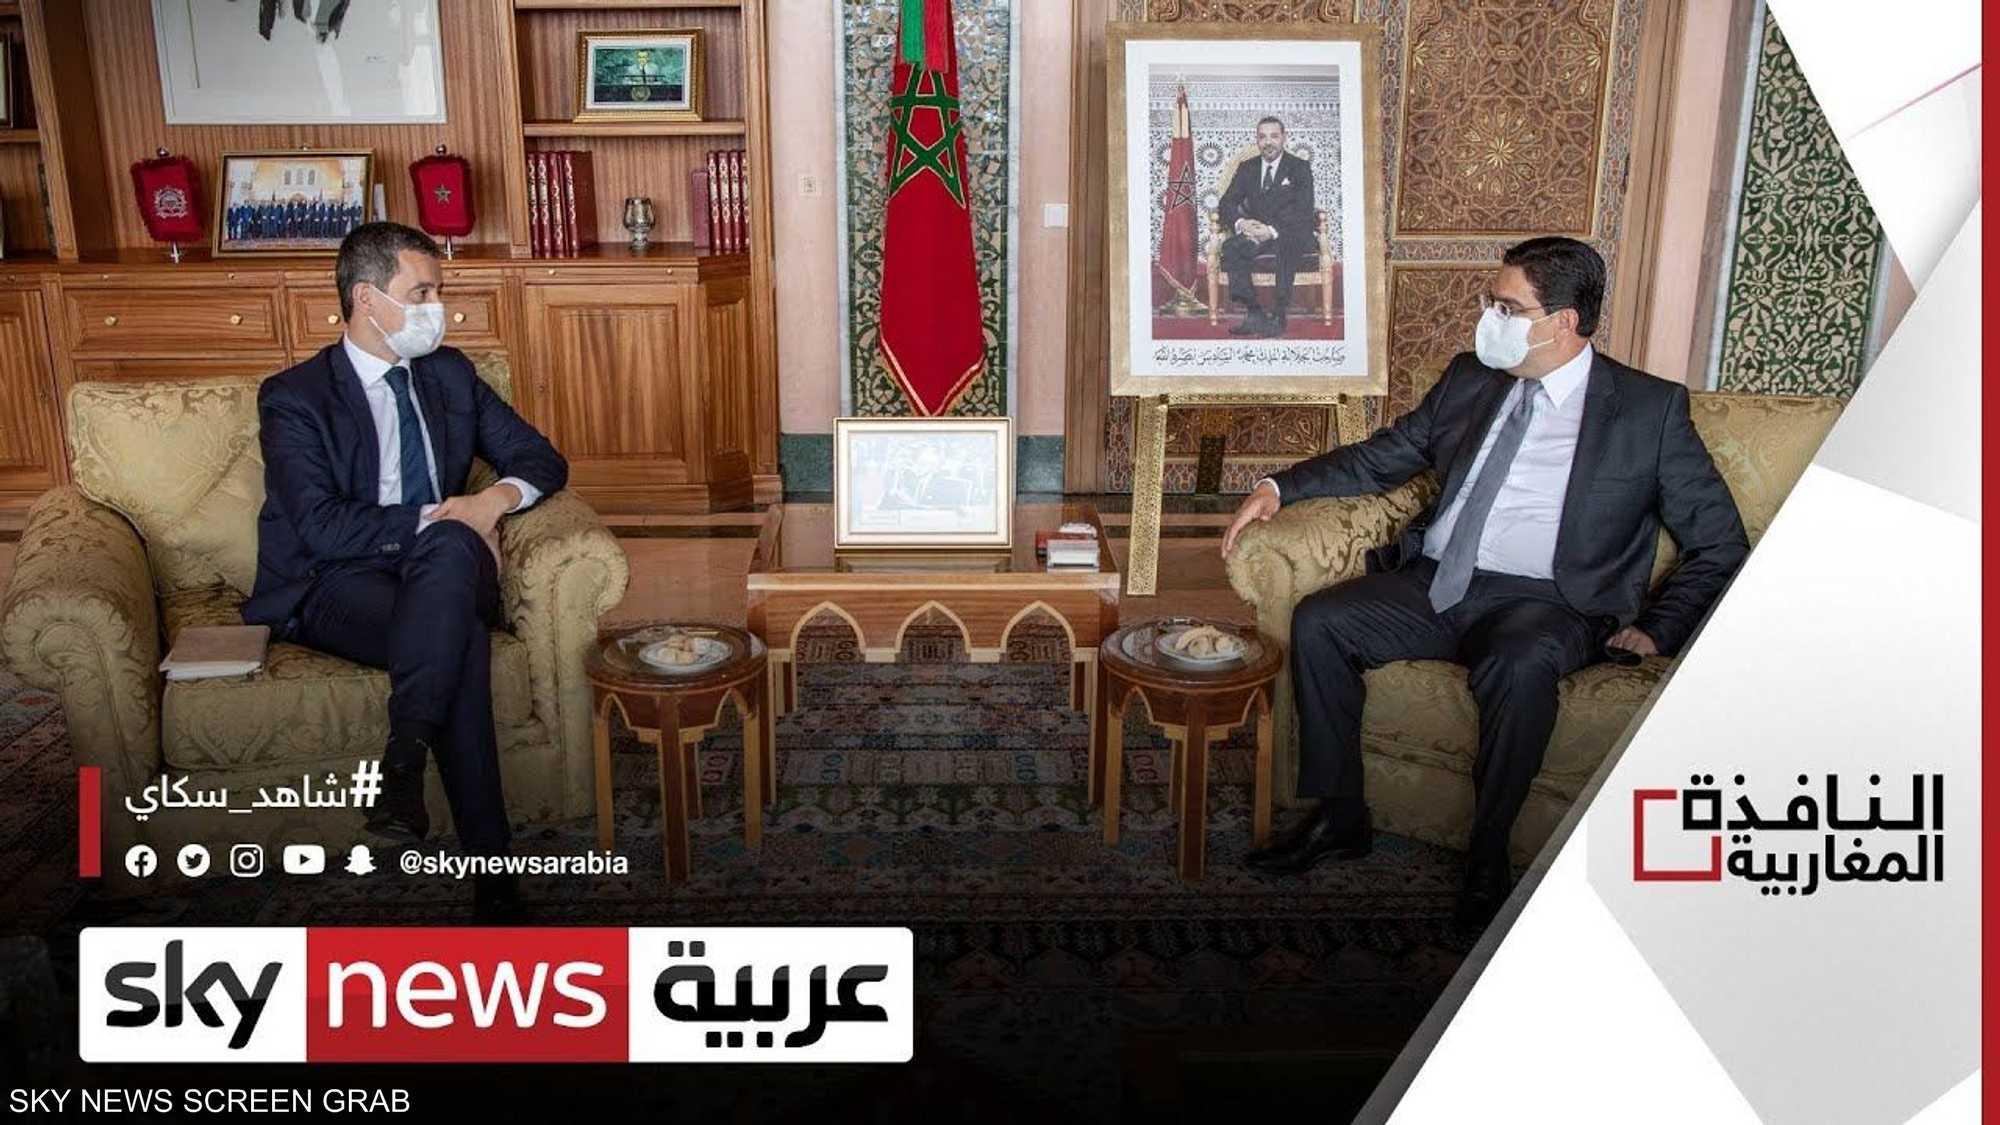 وزير الداخلية الفرنسي يبحث مكافحة الإرهاب في المغرب